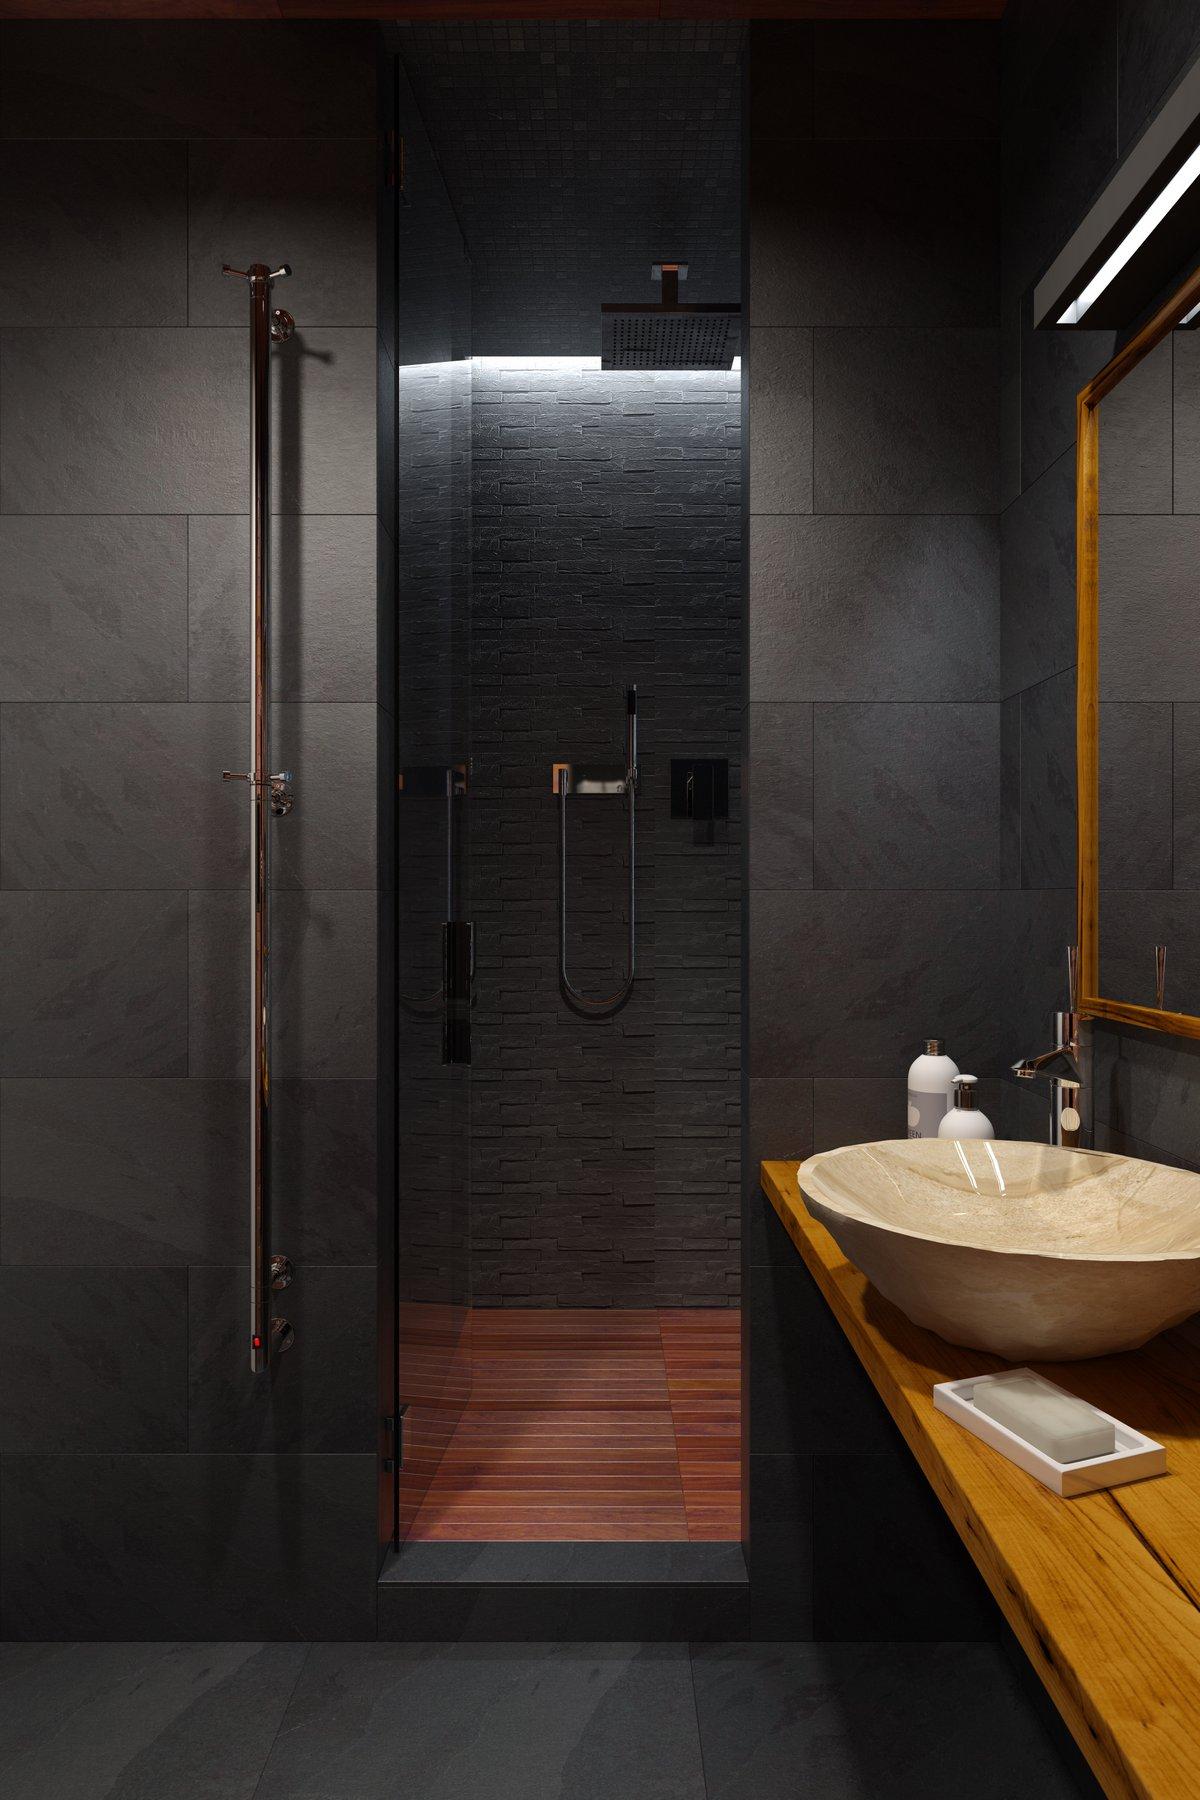 квартира в стиле лофт фото, Geometrium, дизайн квартиры в стиле лофт, холостяцкая квартира фото, дизайн небольших квартир фото